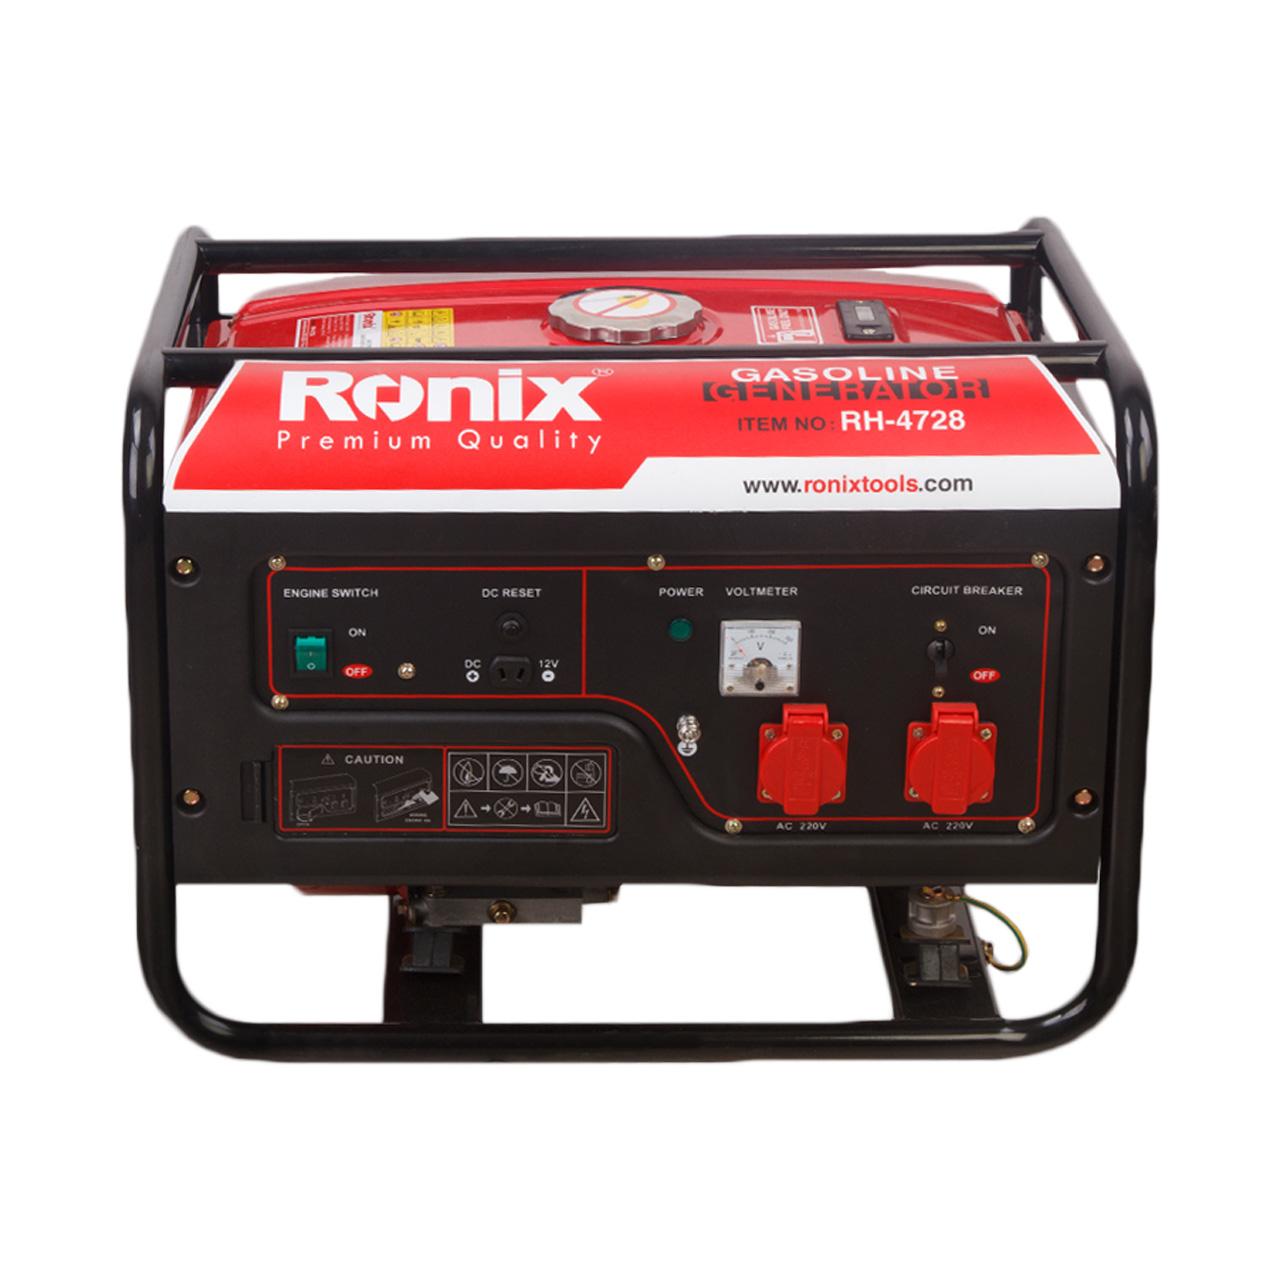 فروش نقدی و اقساطی موتور برق رونیکس مدل 4728